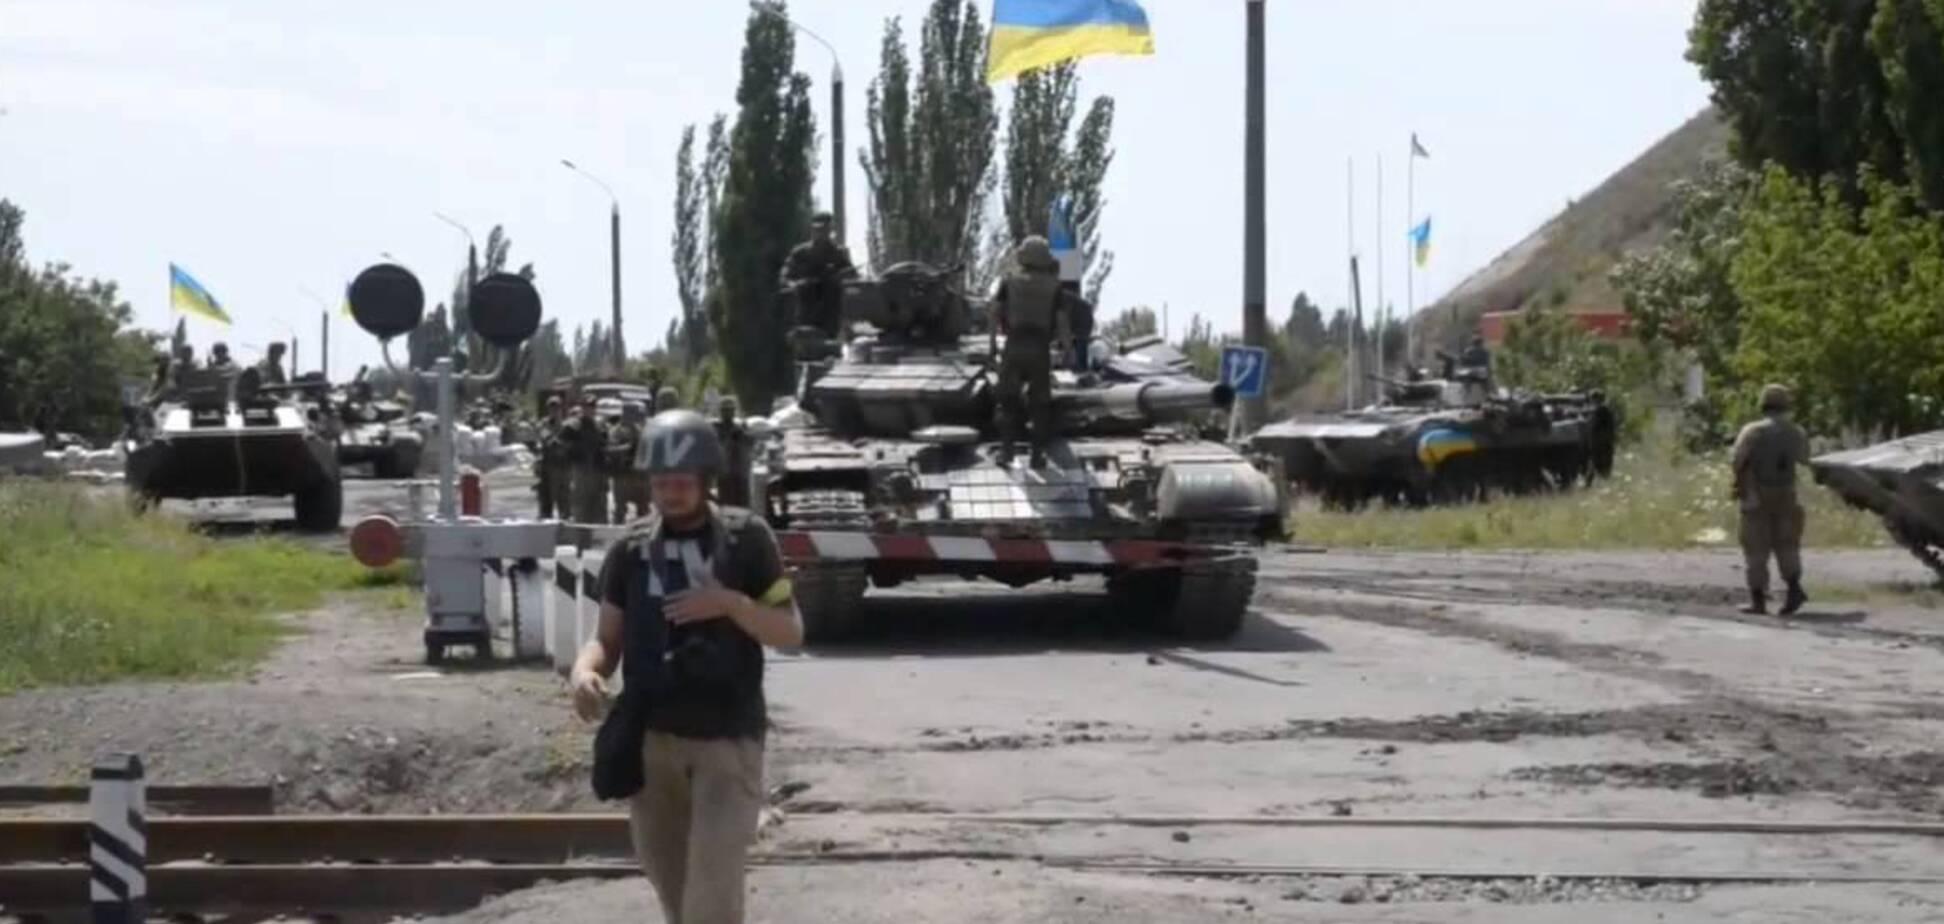 Повідомили про підозру п'яти бойовикам, які розстріляли нацгвардійців при штурмі Лисичанська